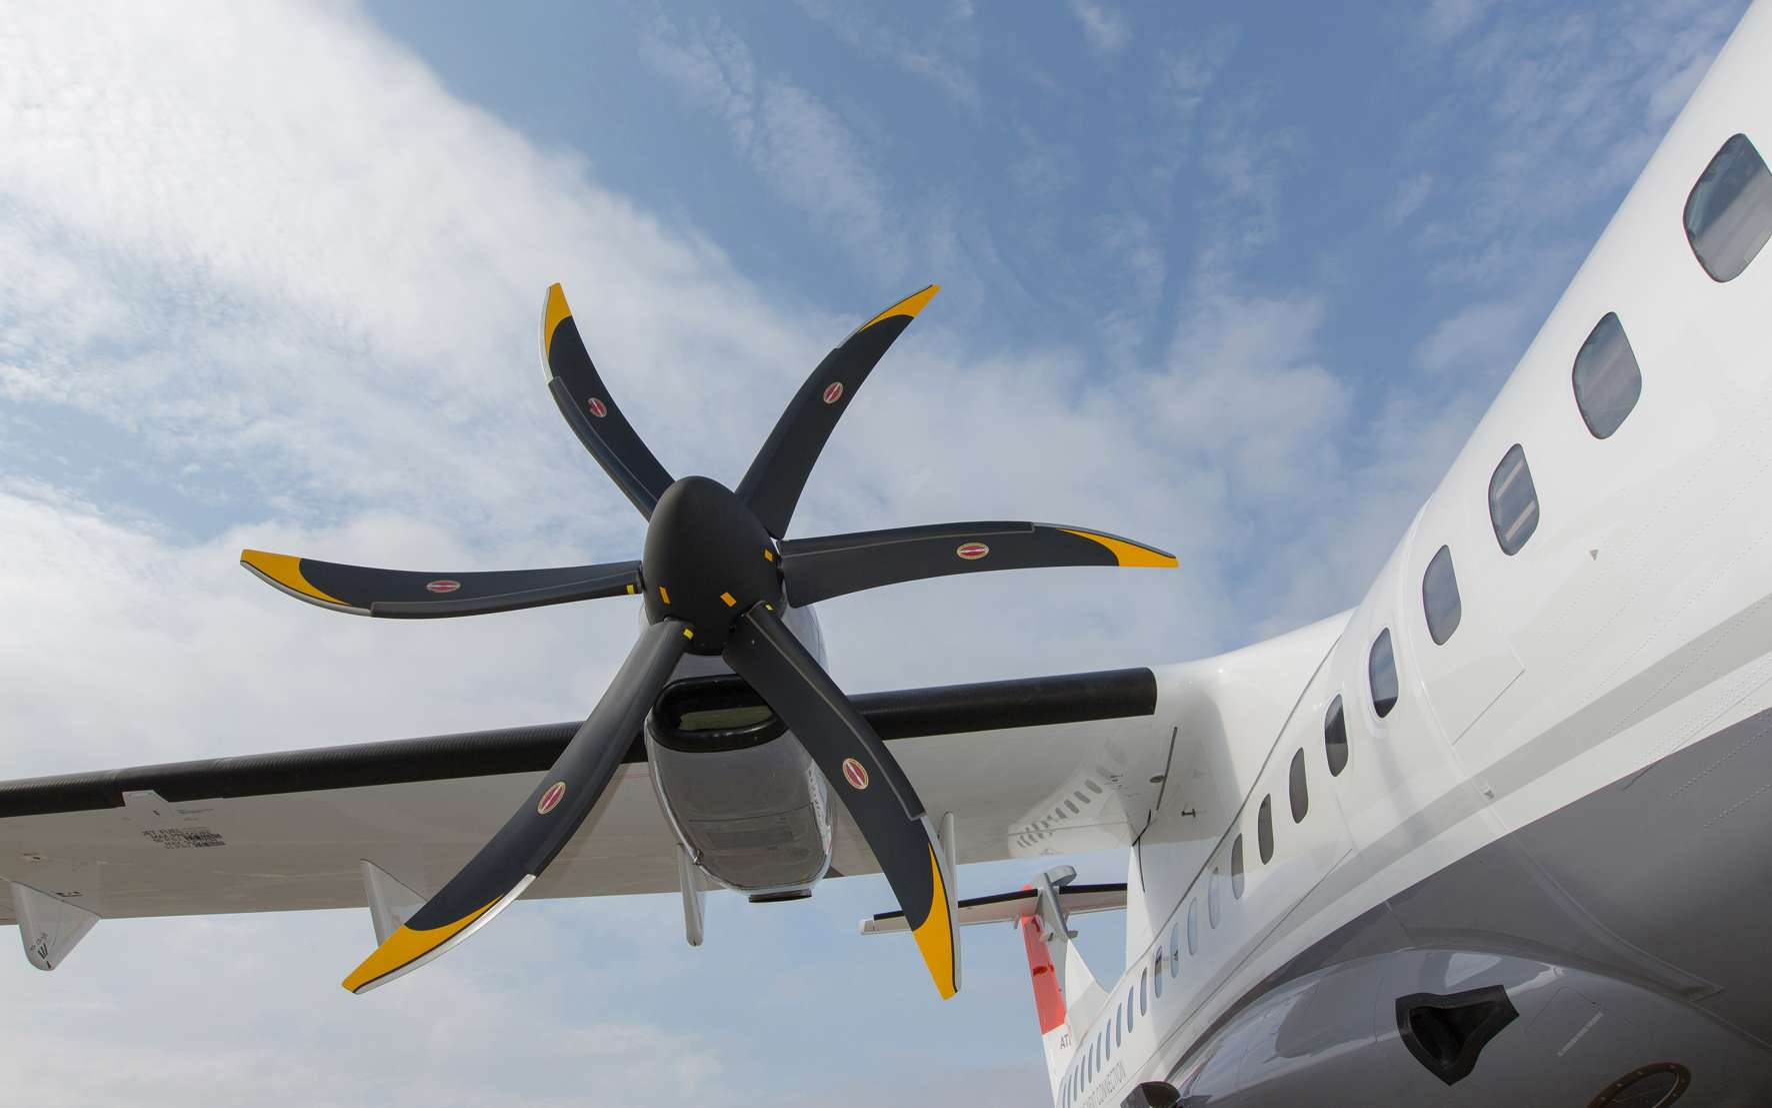 Réduire le poids de la batterie et de sa motorisation permet à l'avion d'embarquer plus de charge utile ou d'augmenter son rayon d'action. © ATR